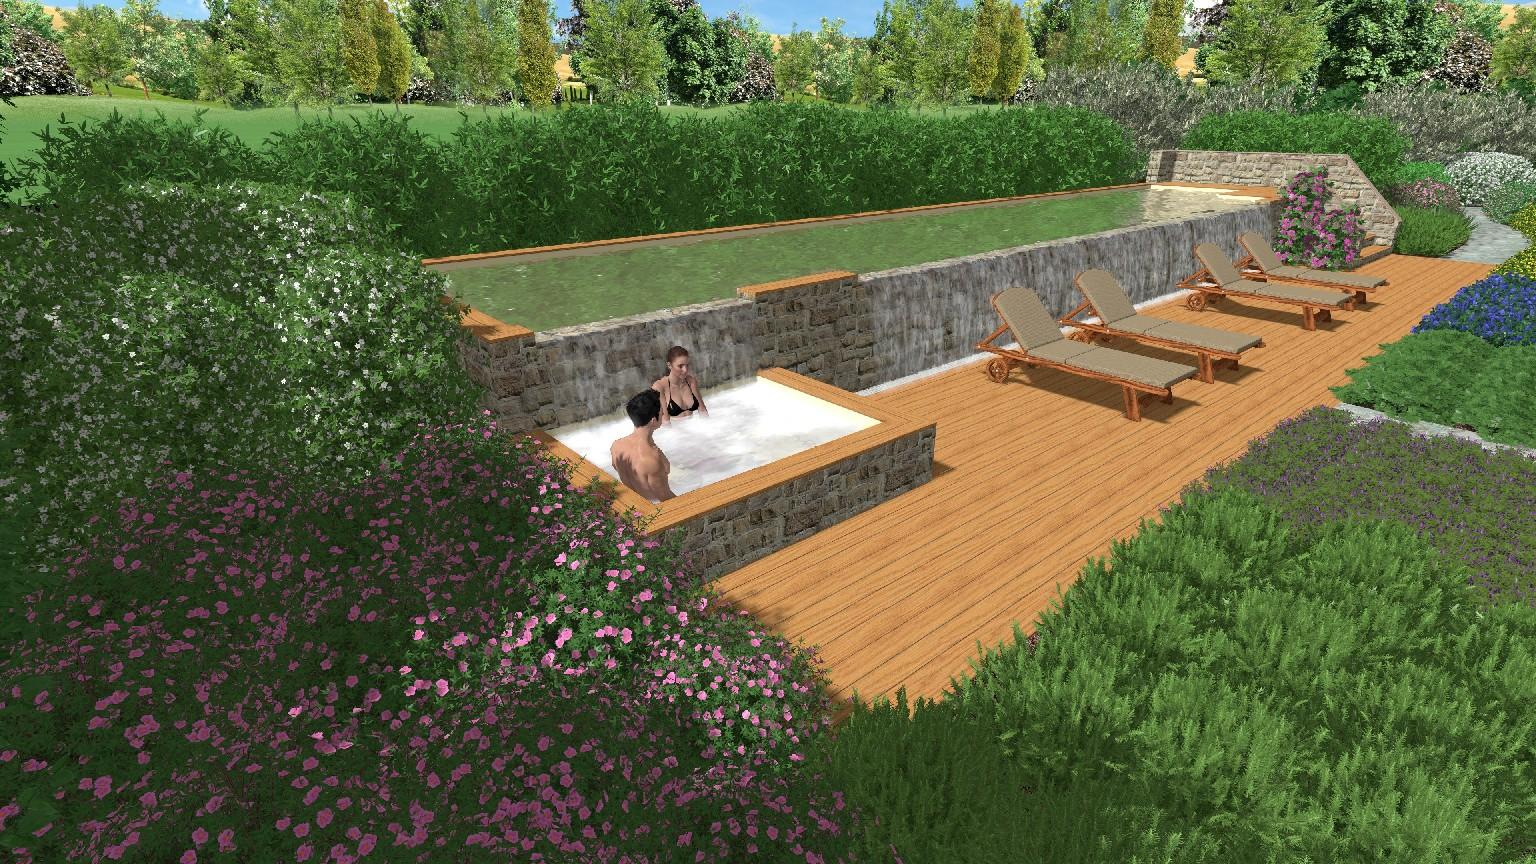 Progettazione di giardino con piscina in maremma 1 for Piscina in giardino